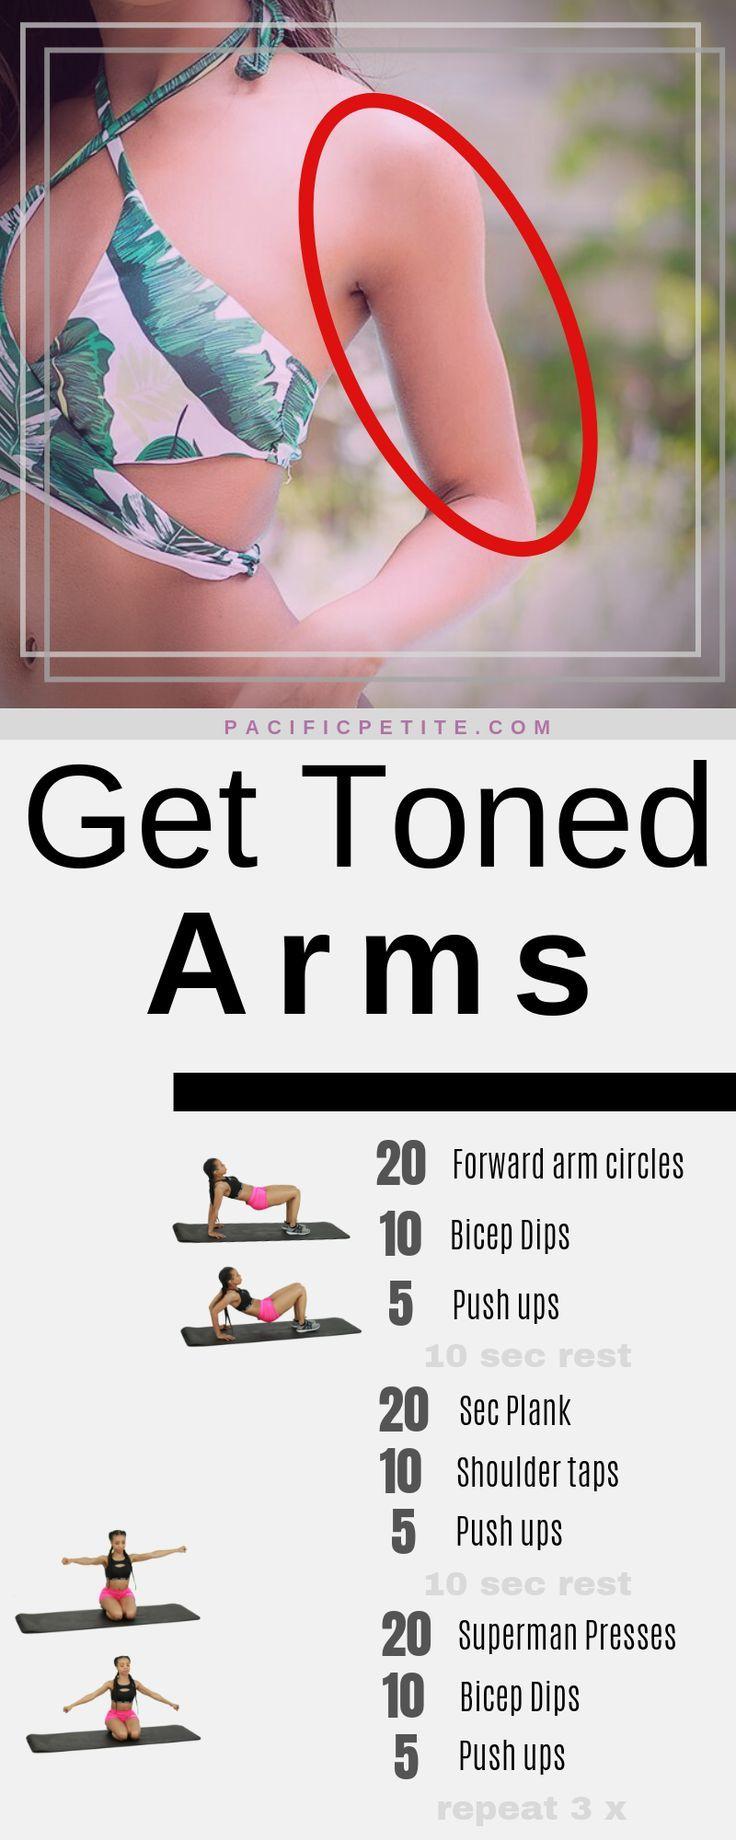 Trainingsplan, um die Arme zu Hause zu trainieren, keine Ausrüstung für Frauen erforderlich, um schlaffe Arme loszuwerden - Yoga & Fitness #workoutplans